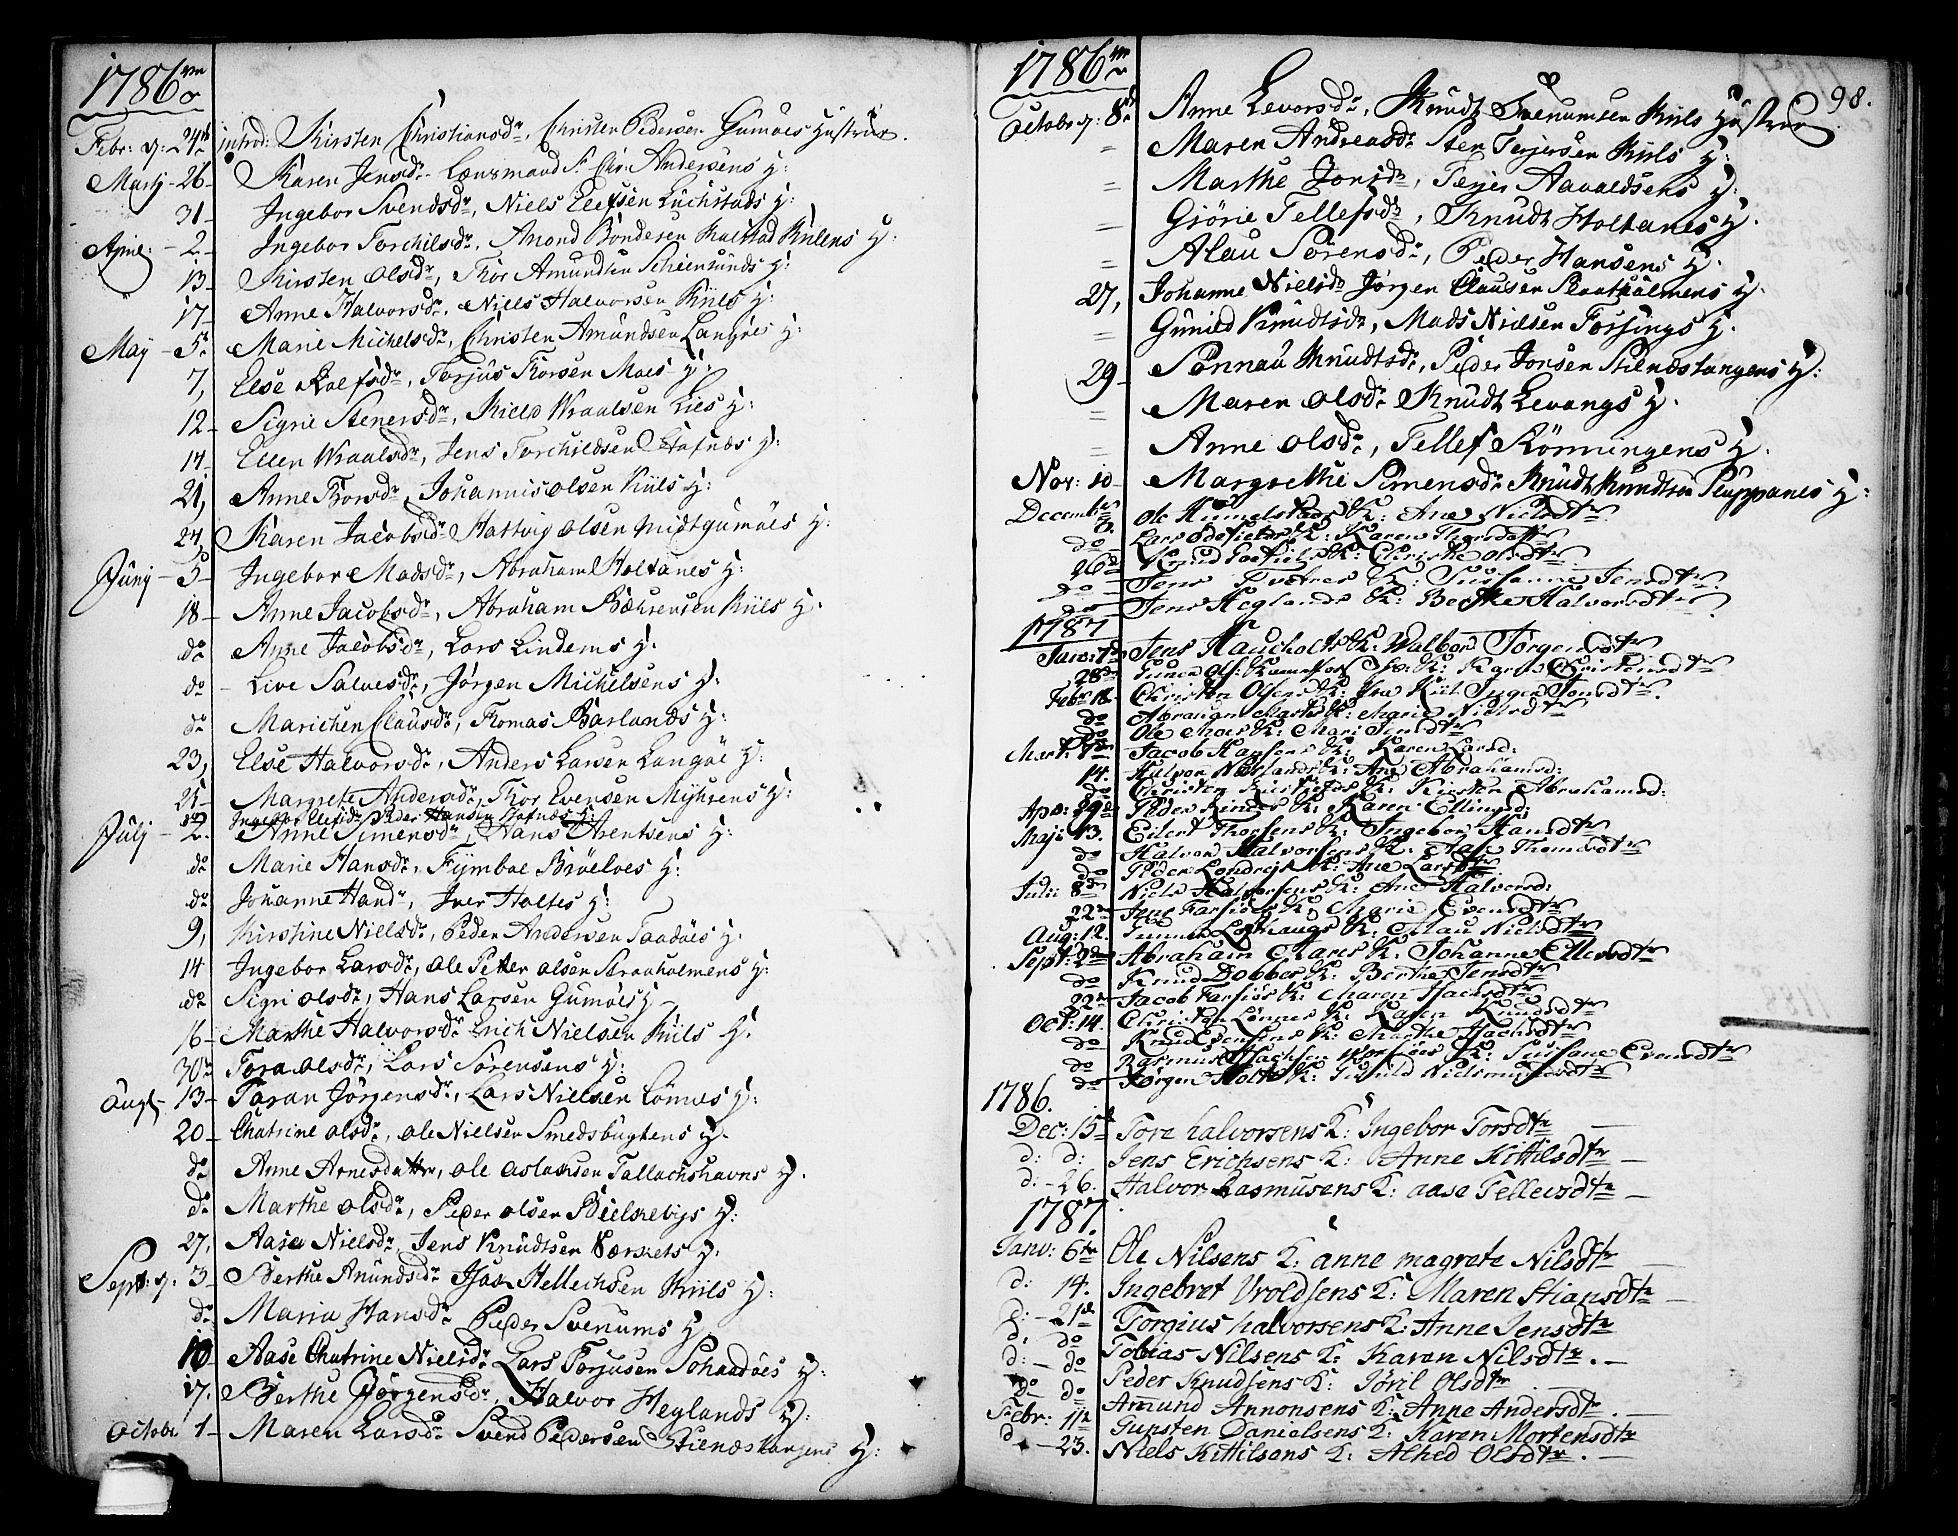 SAKO, Sannidal kirkebøker, F/Fa/L0002: Ministerialbok nr. 2, 1767-1802, s. 98